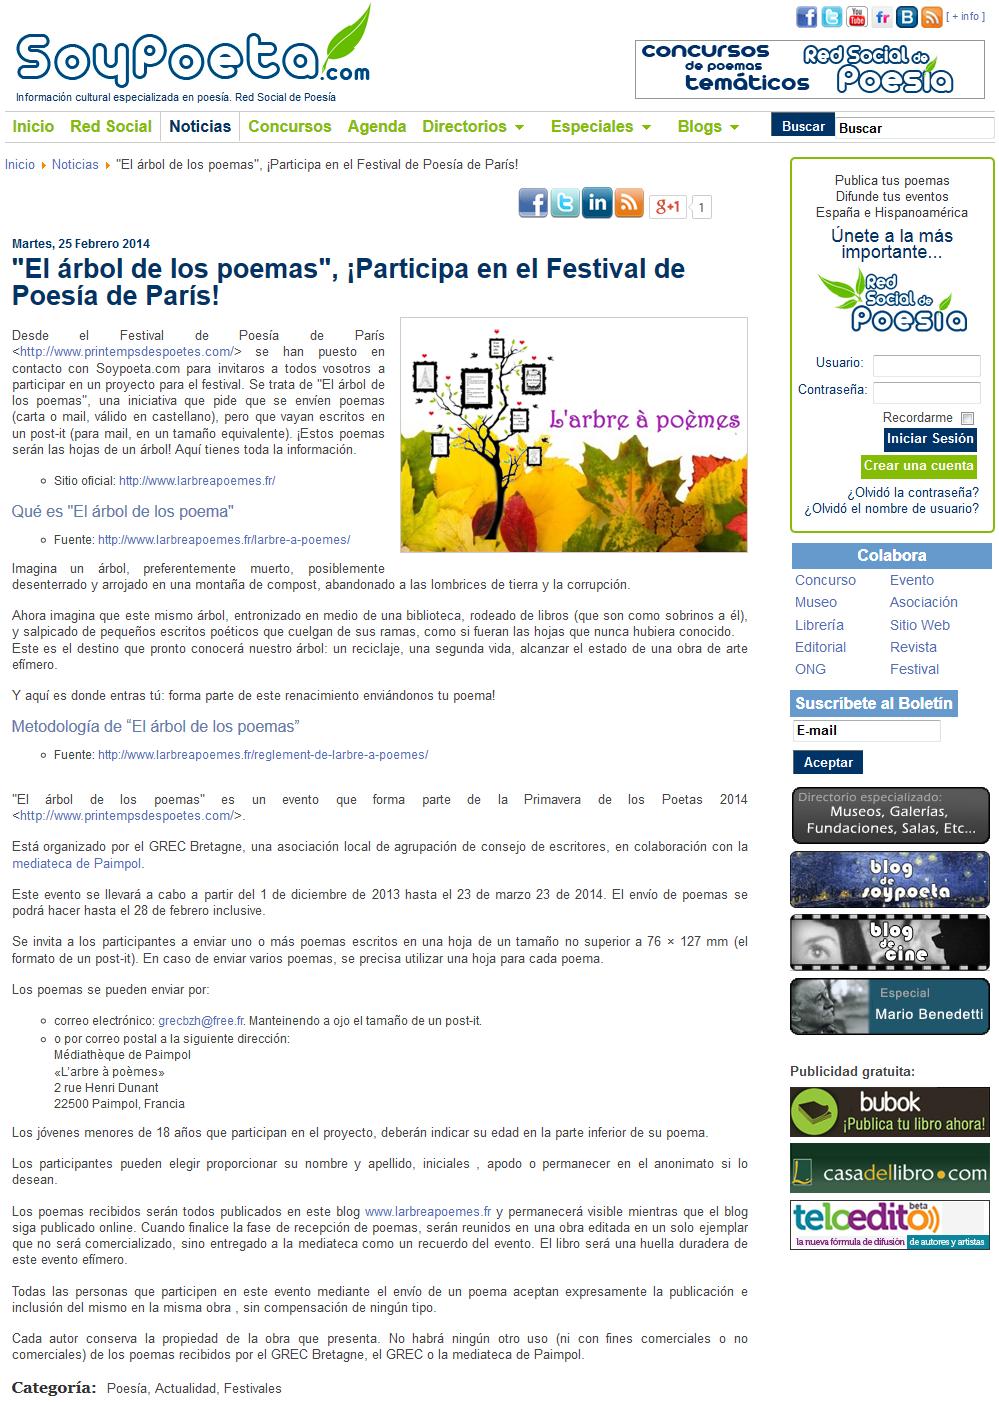 """Article de SoyPoeta, """"El árbol de los poemas"""", ¡Participa en el Festival de Poesía de París! (25 février 2014)"""